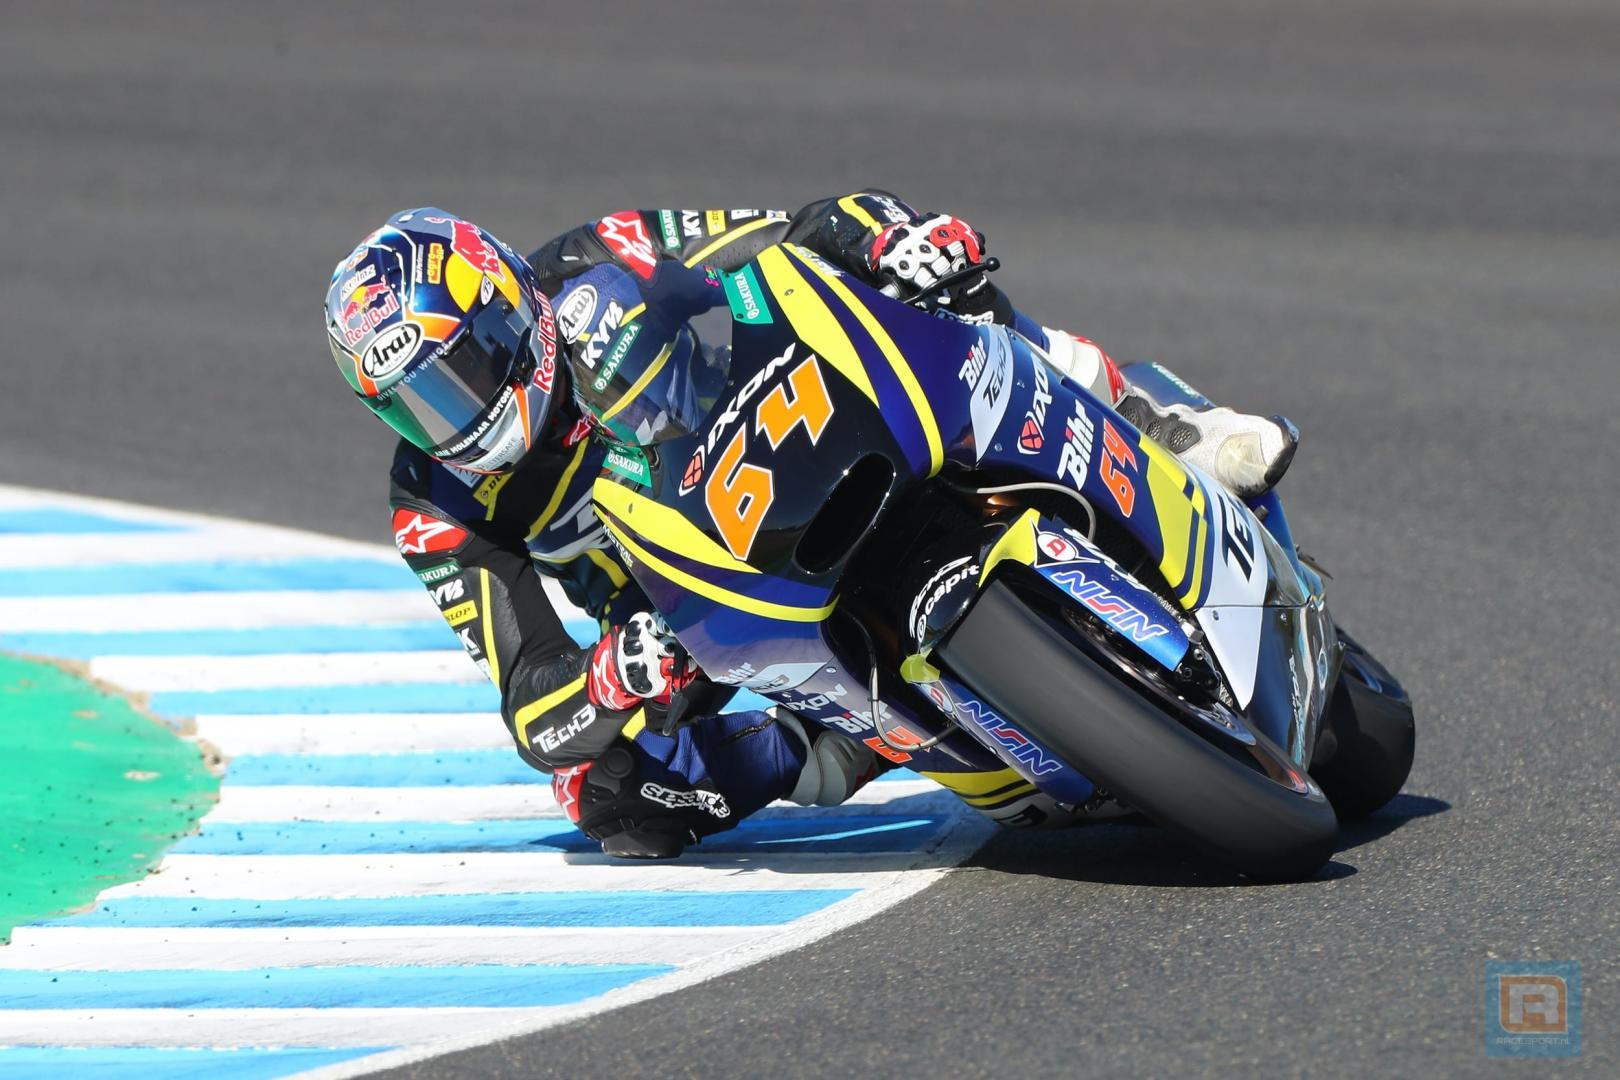 https://www.racesport.nl/wp-content/uploads/2017/11/Bensnyder_Schneider5644.jpg